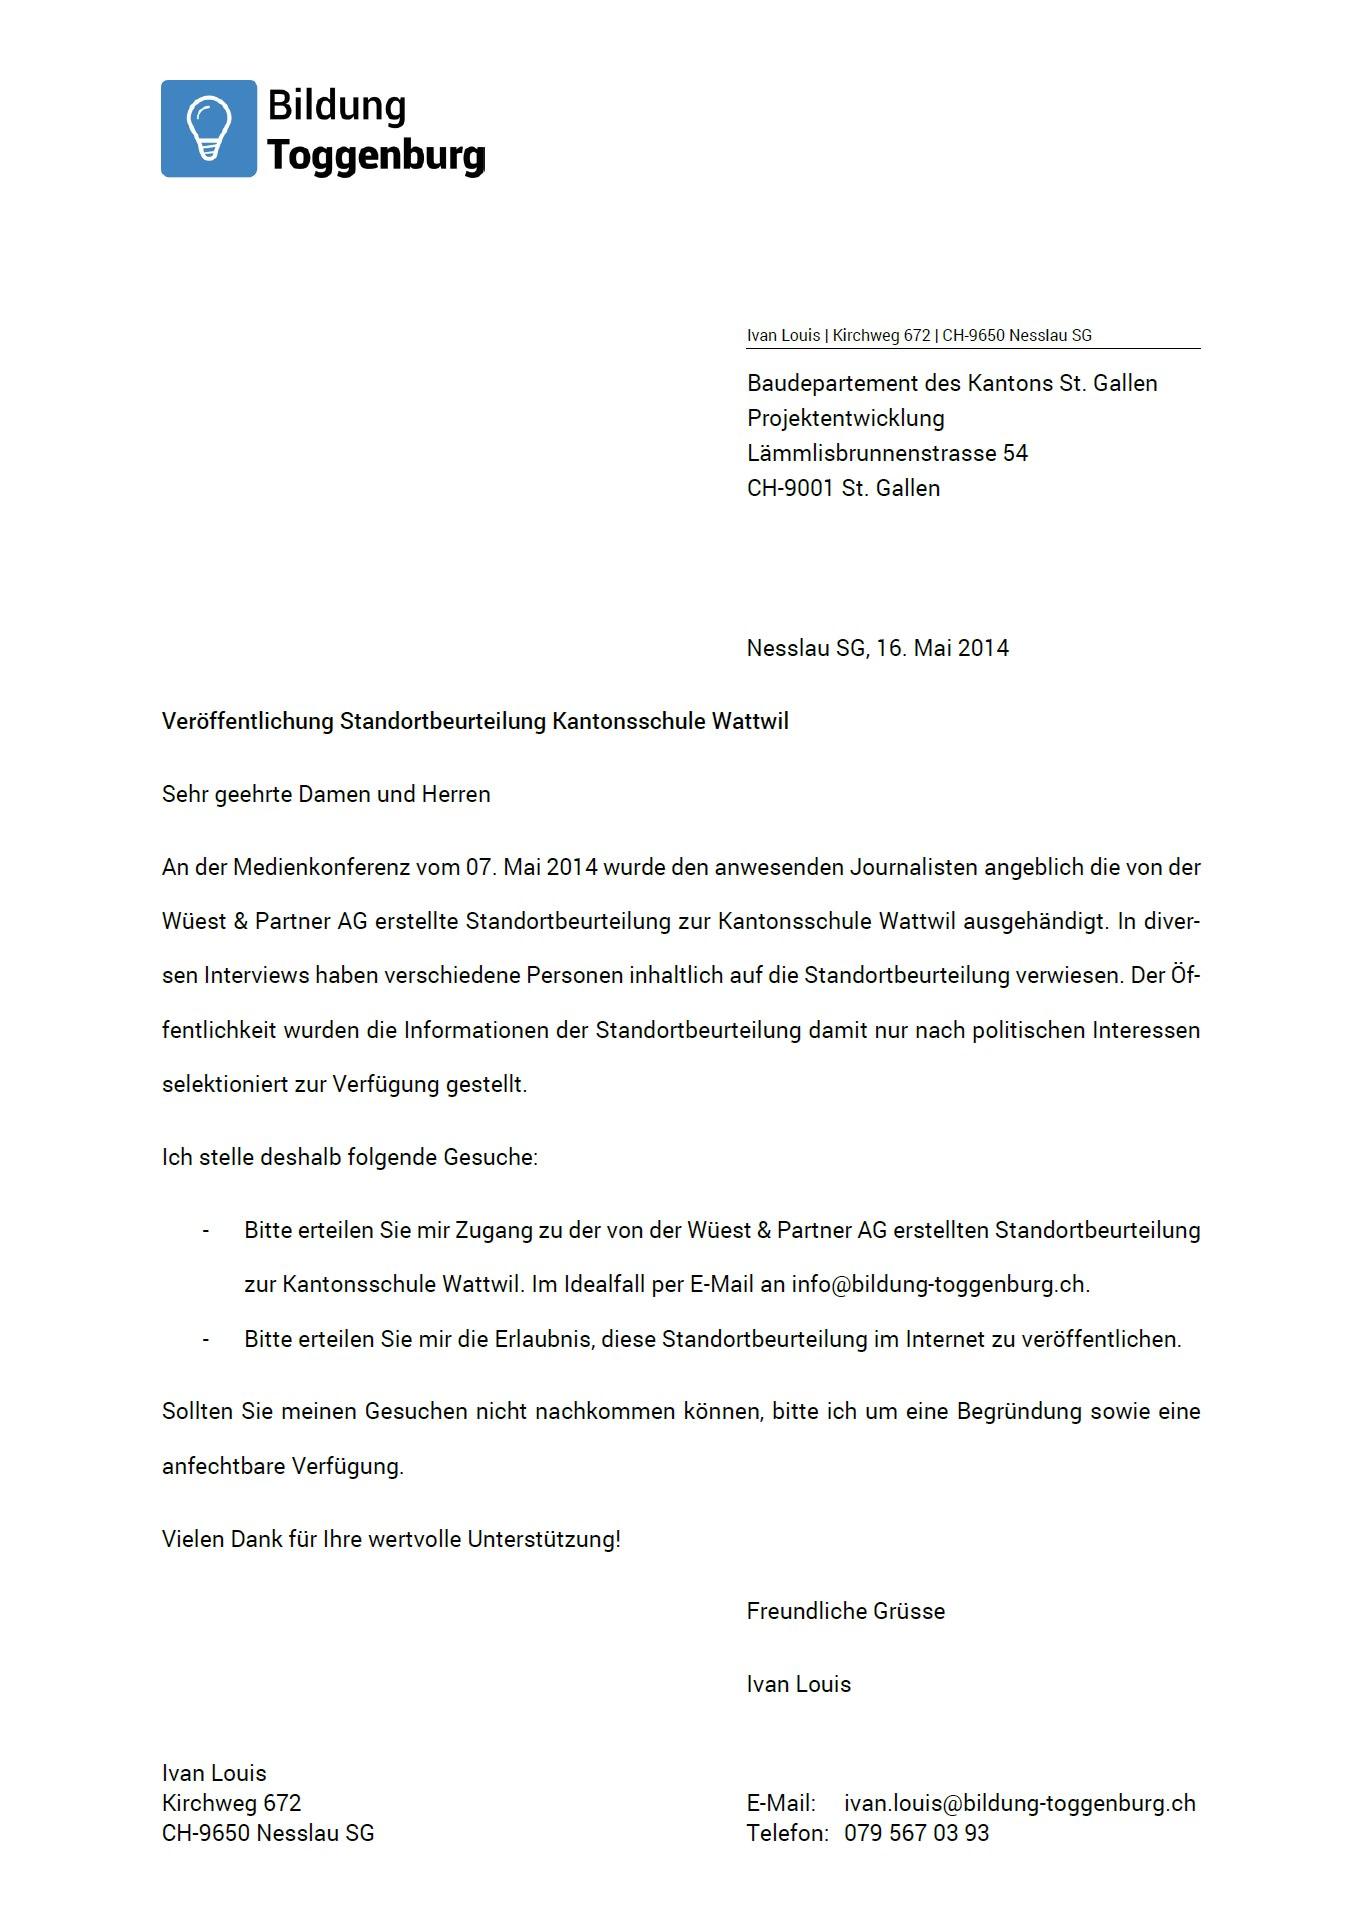 Veröffentlichung der Standortbeurteilung (Freitag, 16.05.2014)